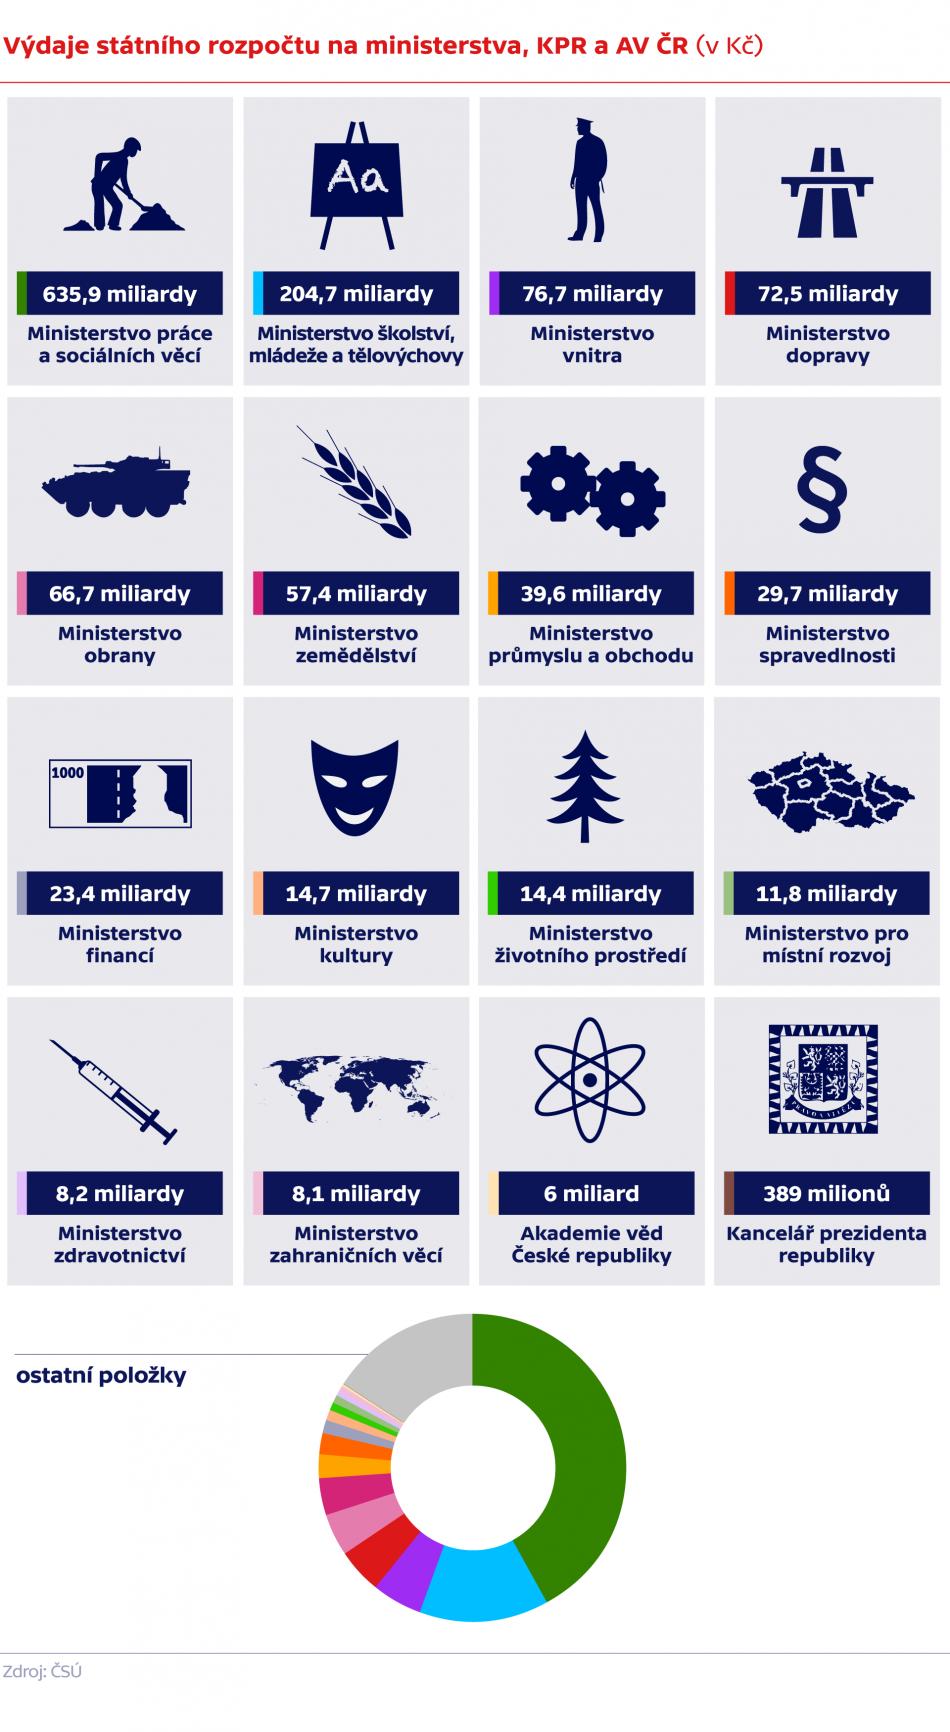 Výdaje státního rozpočtu na ministerstva, KPR a AV ČR (v Kč)